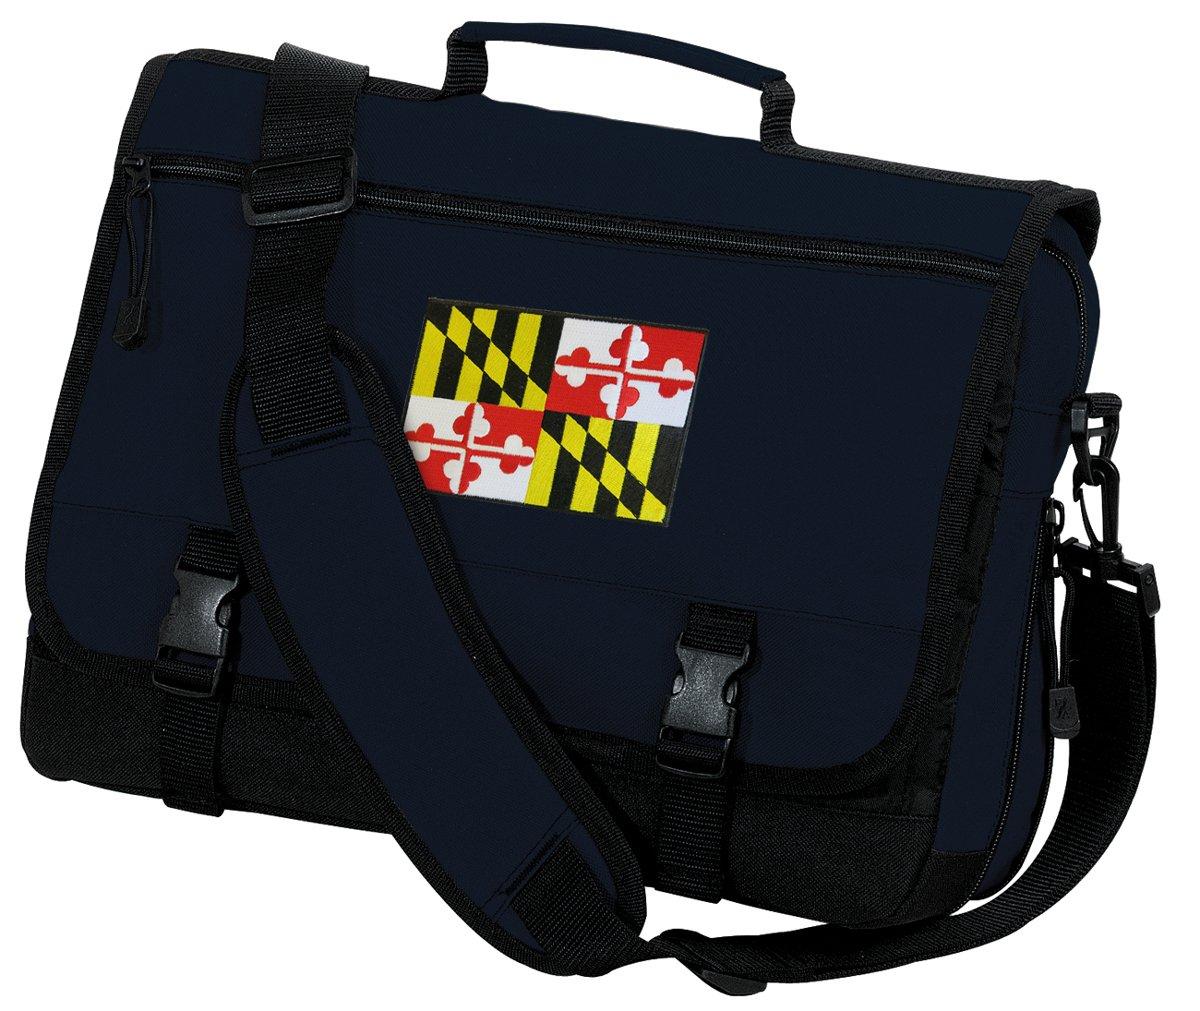 Maryland Laptop Bag Maryland Flag Computer Bag Messenger Bag